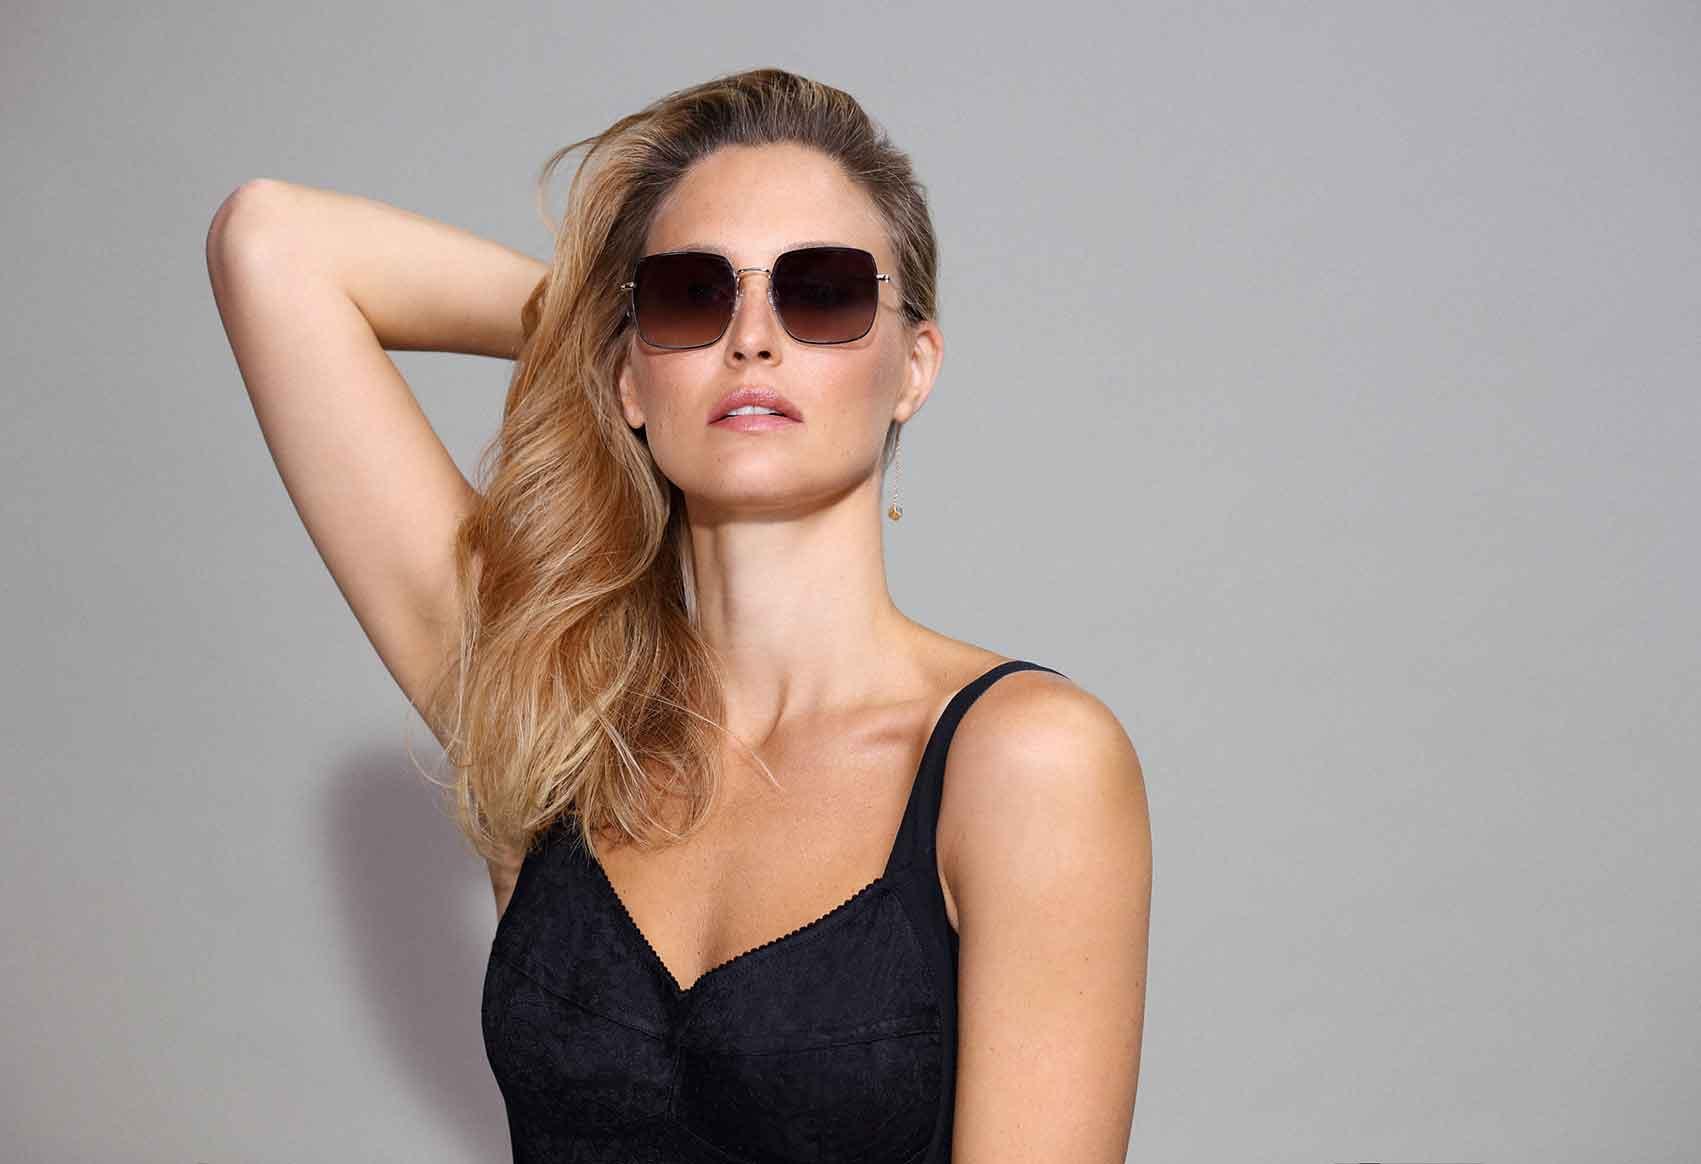 קרולינה-למקה-משקפי-עגילים-צילום-קרולינה-למקה-טרנדים-משקפי שמש